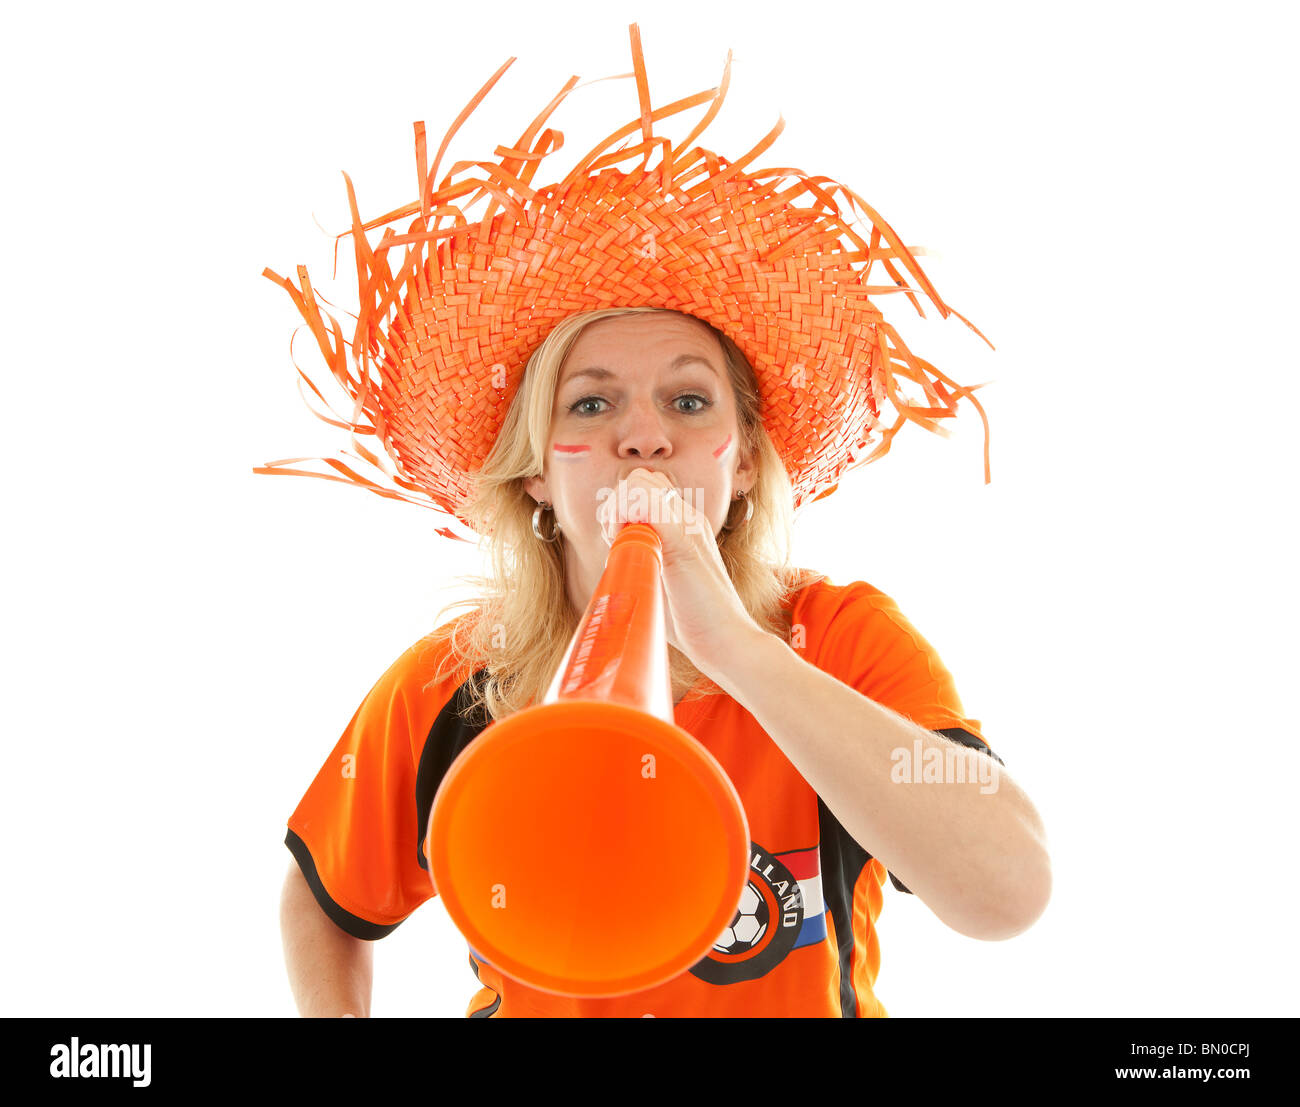 Partisan de soccer féminin néerlandais en plastique orange avec vuvuzela sur fond blanc Banque D'Images